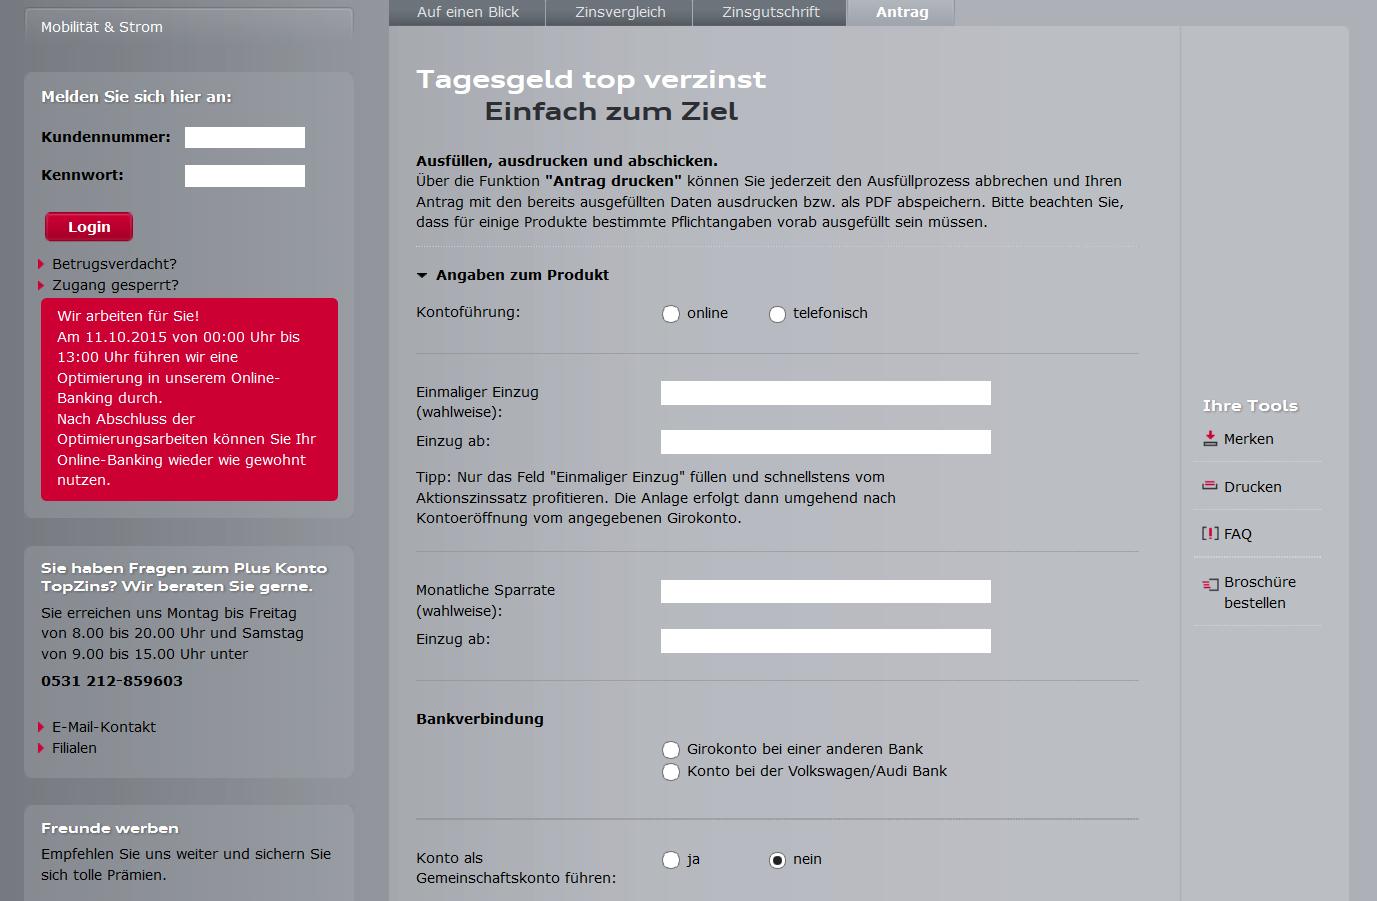 Das Online-Formular für die Kontoeröffnung